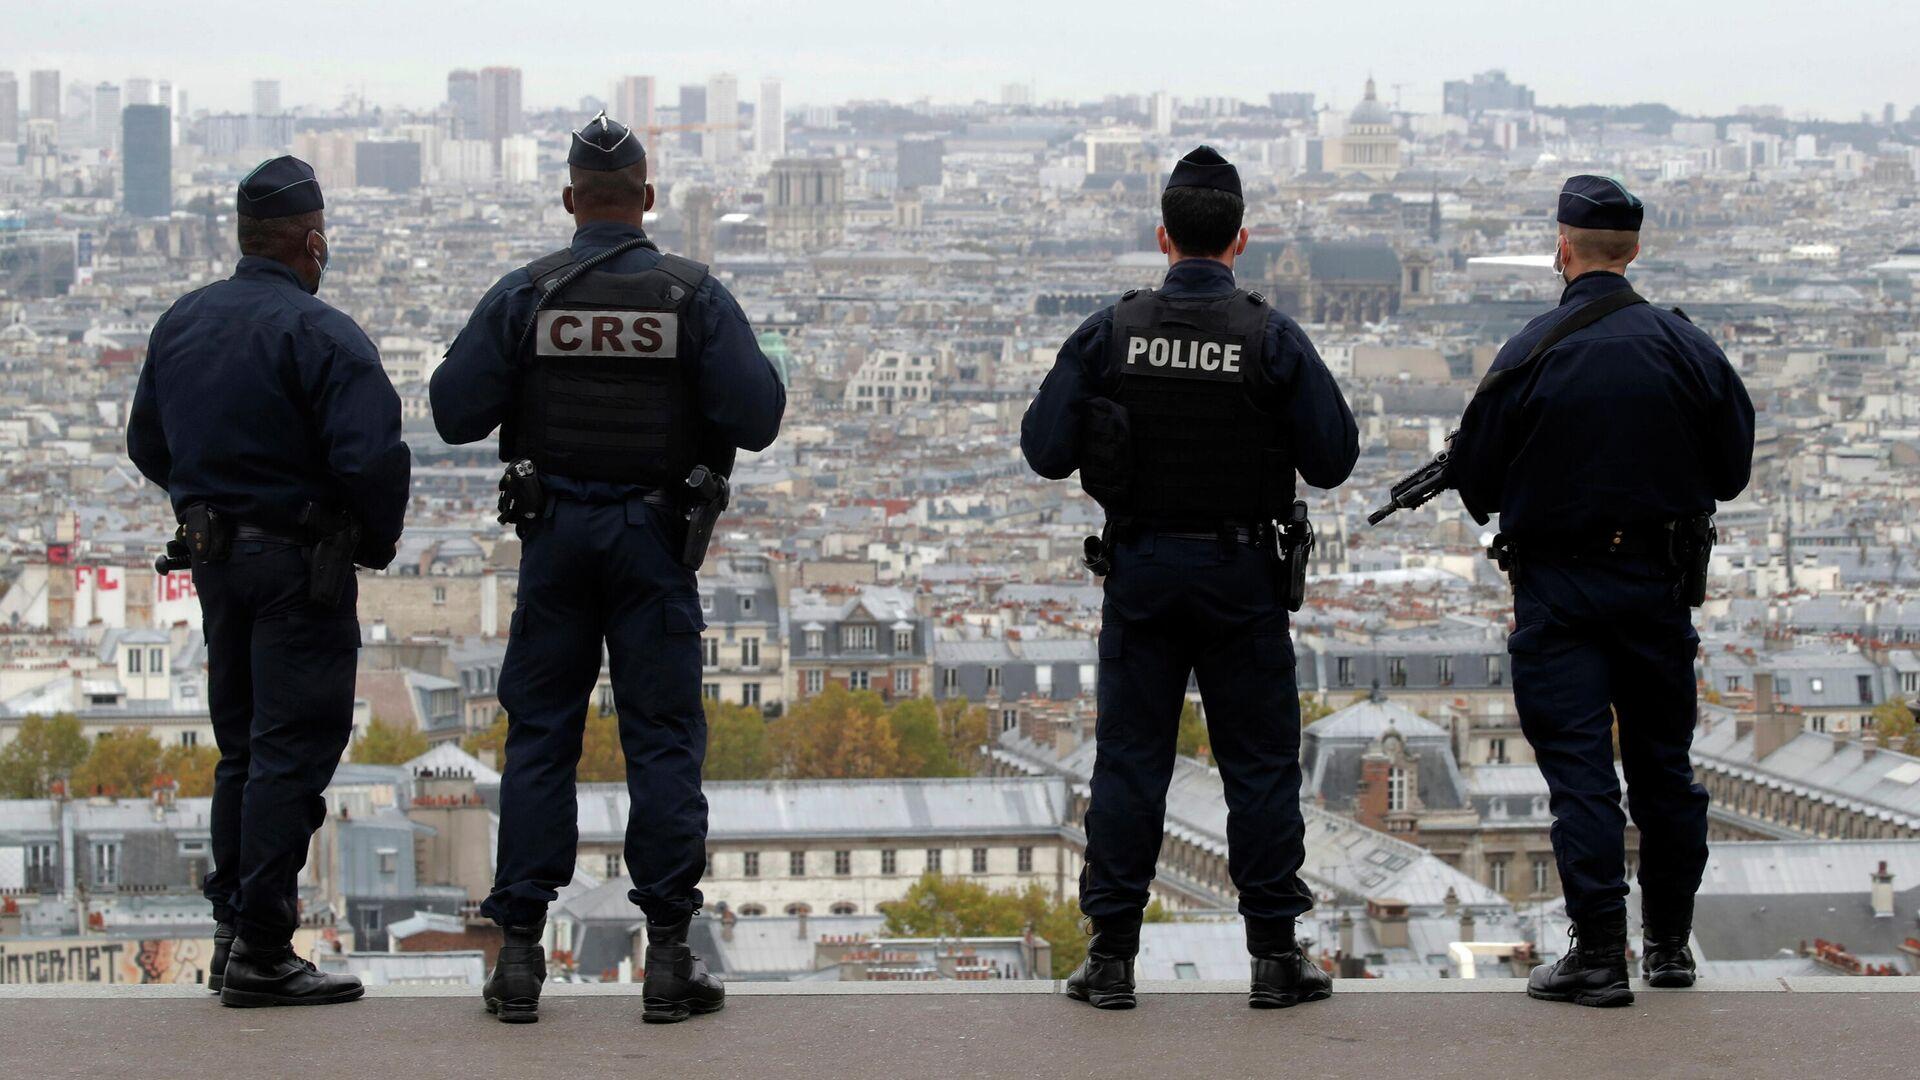 Сотрудники полиции и спецслужб Франции в Париже - РИА Новости, 1920, 04.11.2020